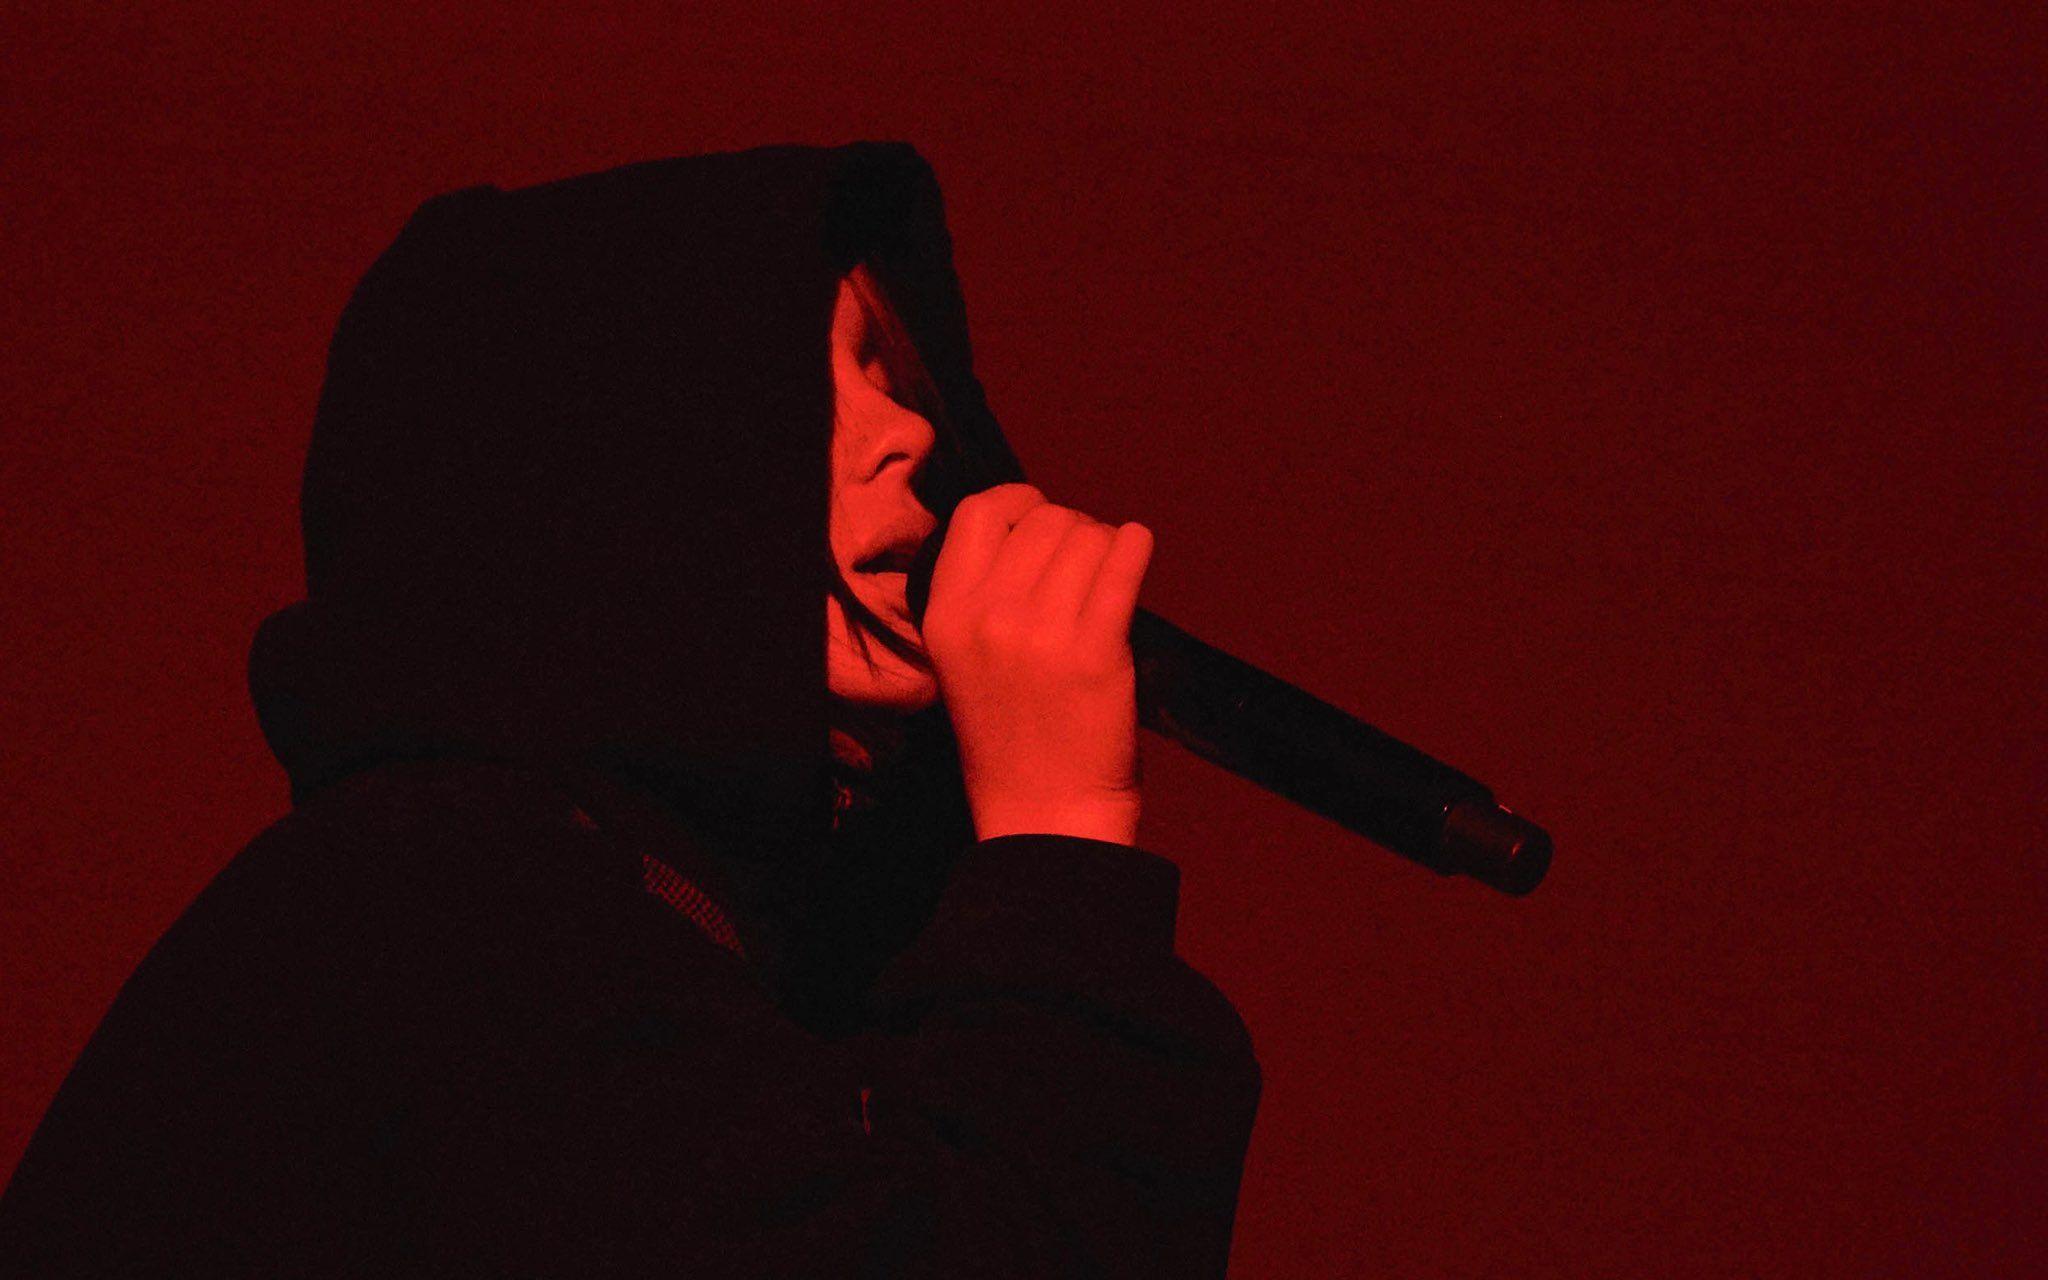 碧梨举办线上虚拟演唱会,连唱13首热门歌曲图片